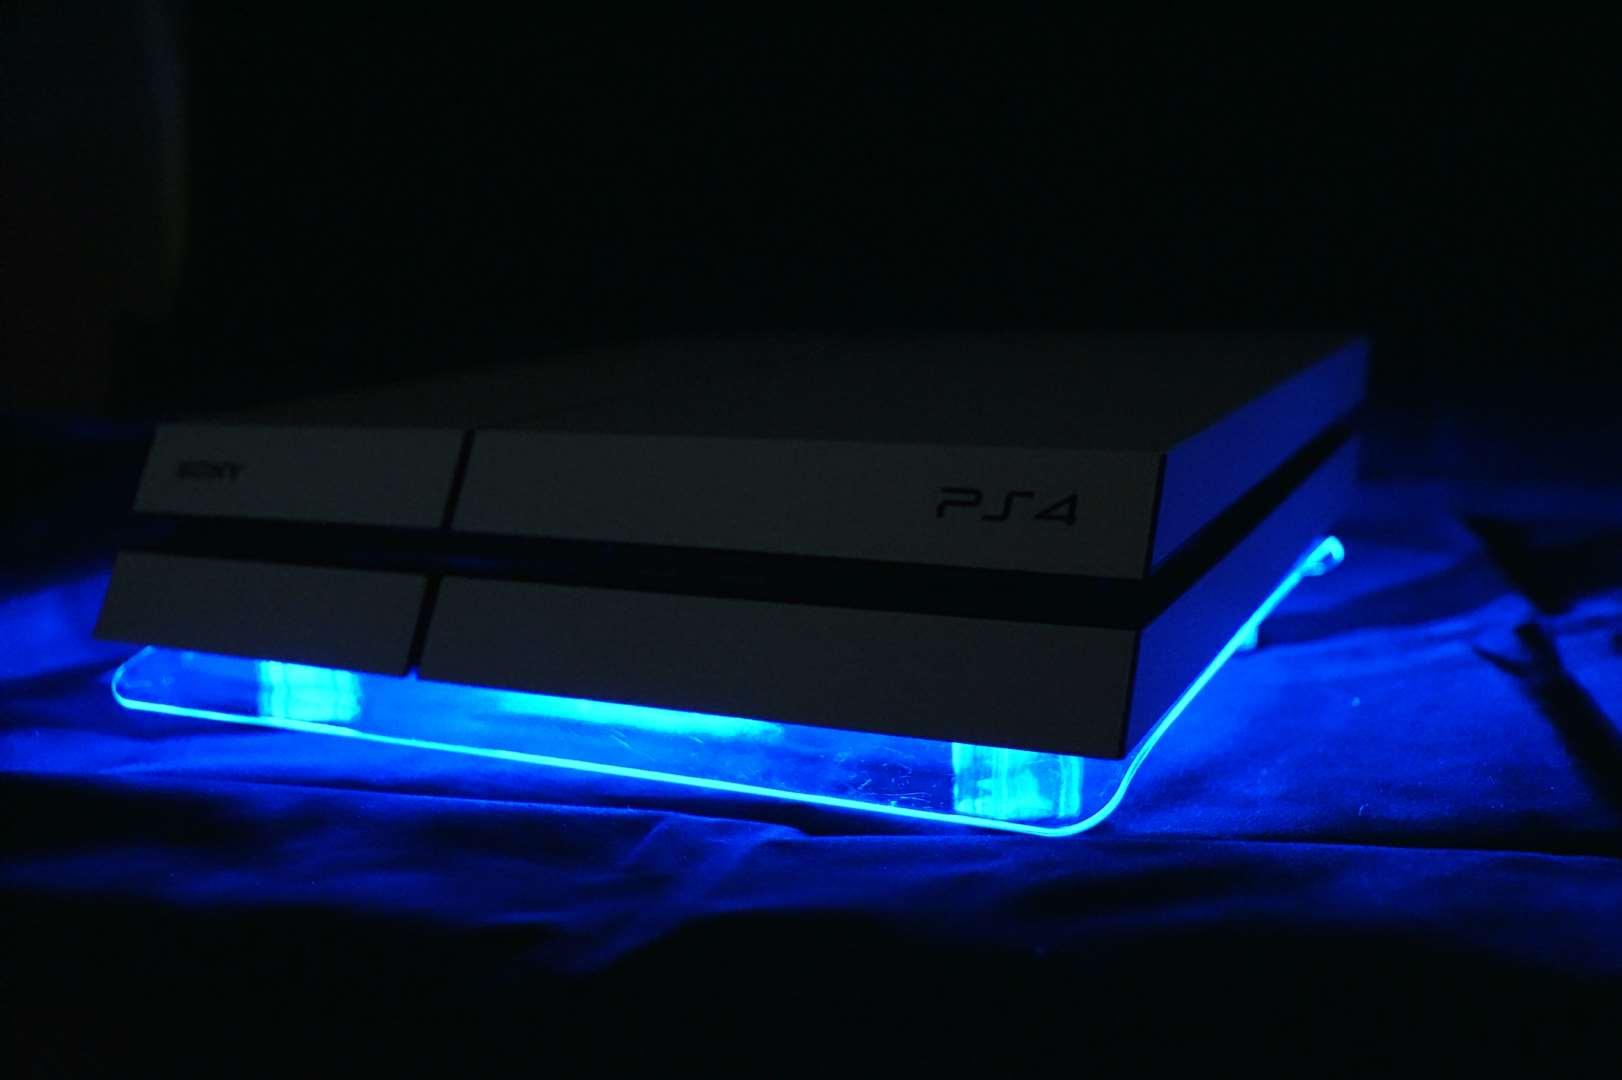 usb design cooler cooling fan pad blue led stand for ps4. Black Bedroom Furniture Sets. Home Design Ideas